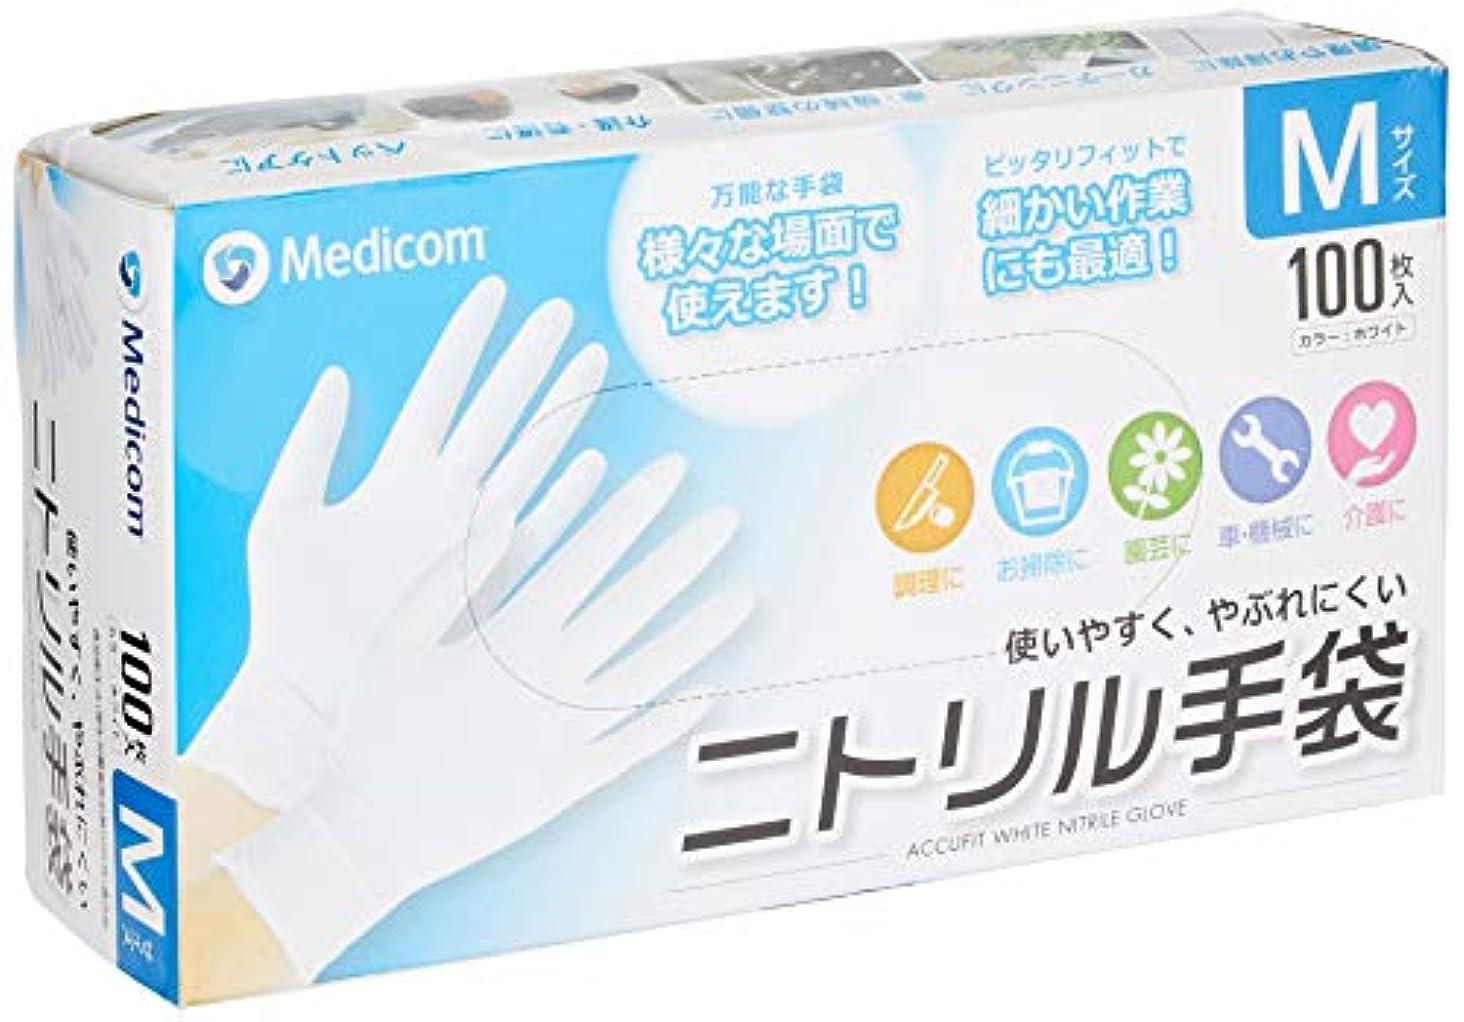 不十分辞任左アキュフィット ホワイト ニトリル手袋 Mサイズ ACFJN1284C